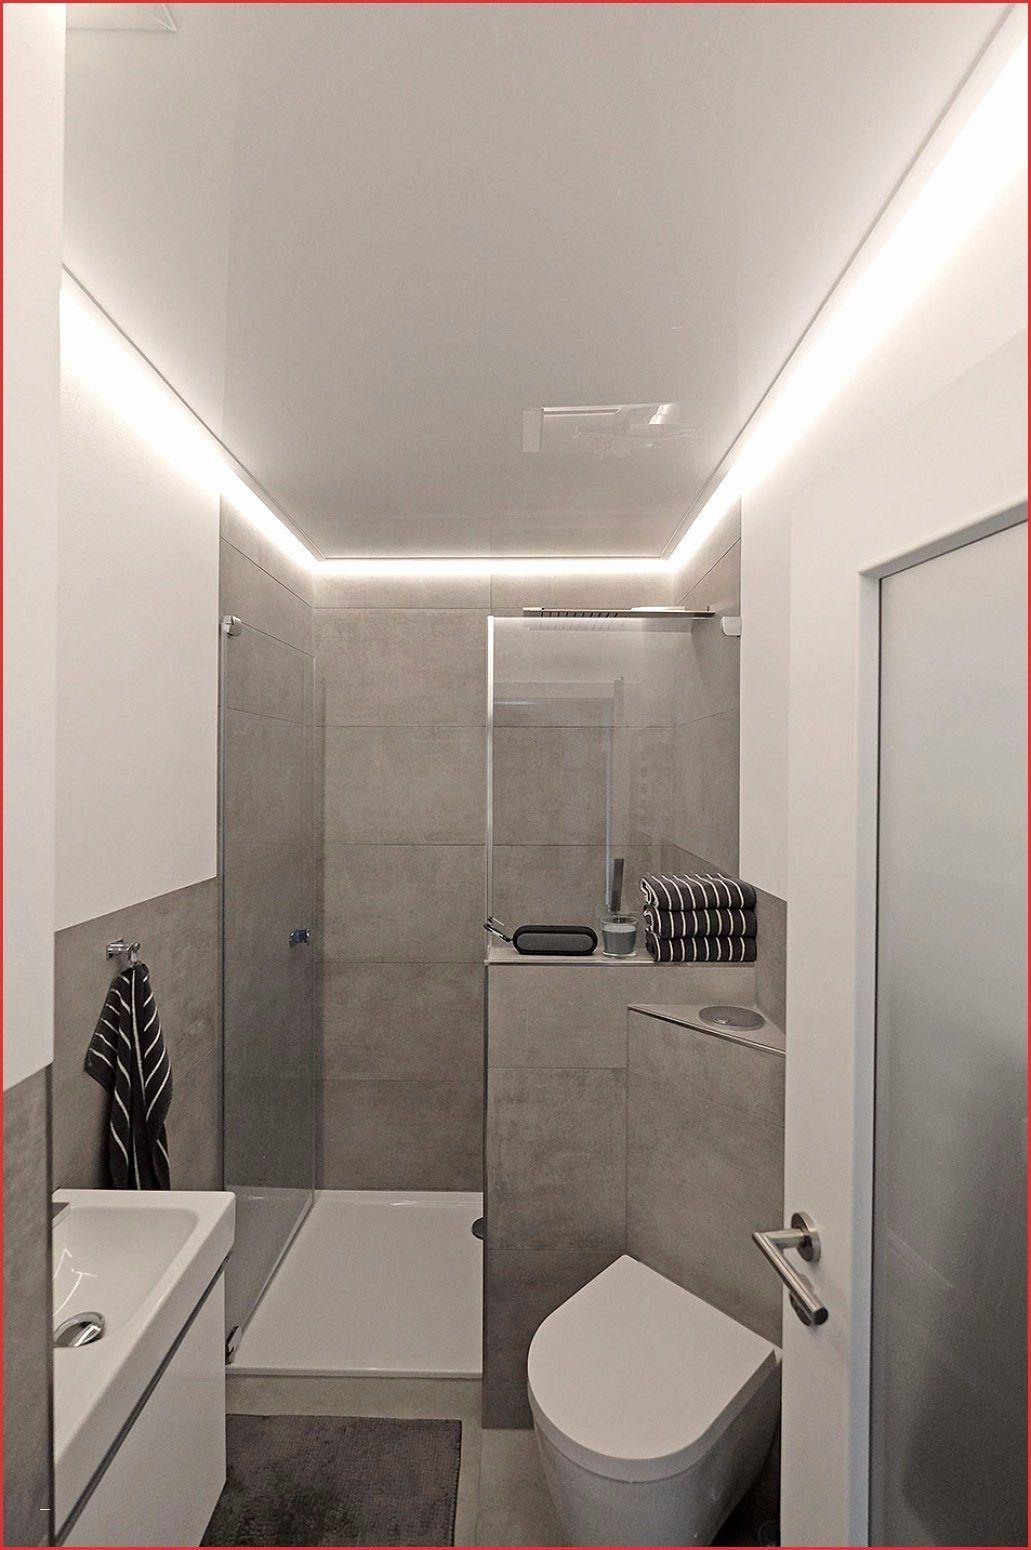 11 Bad Fliesen Beispiele Frisch Deckenverkleidung Badezimmer Beispiele Eintagamsee Badezimmer Licht Indirekte Beleuchtung Badezimmer Klein